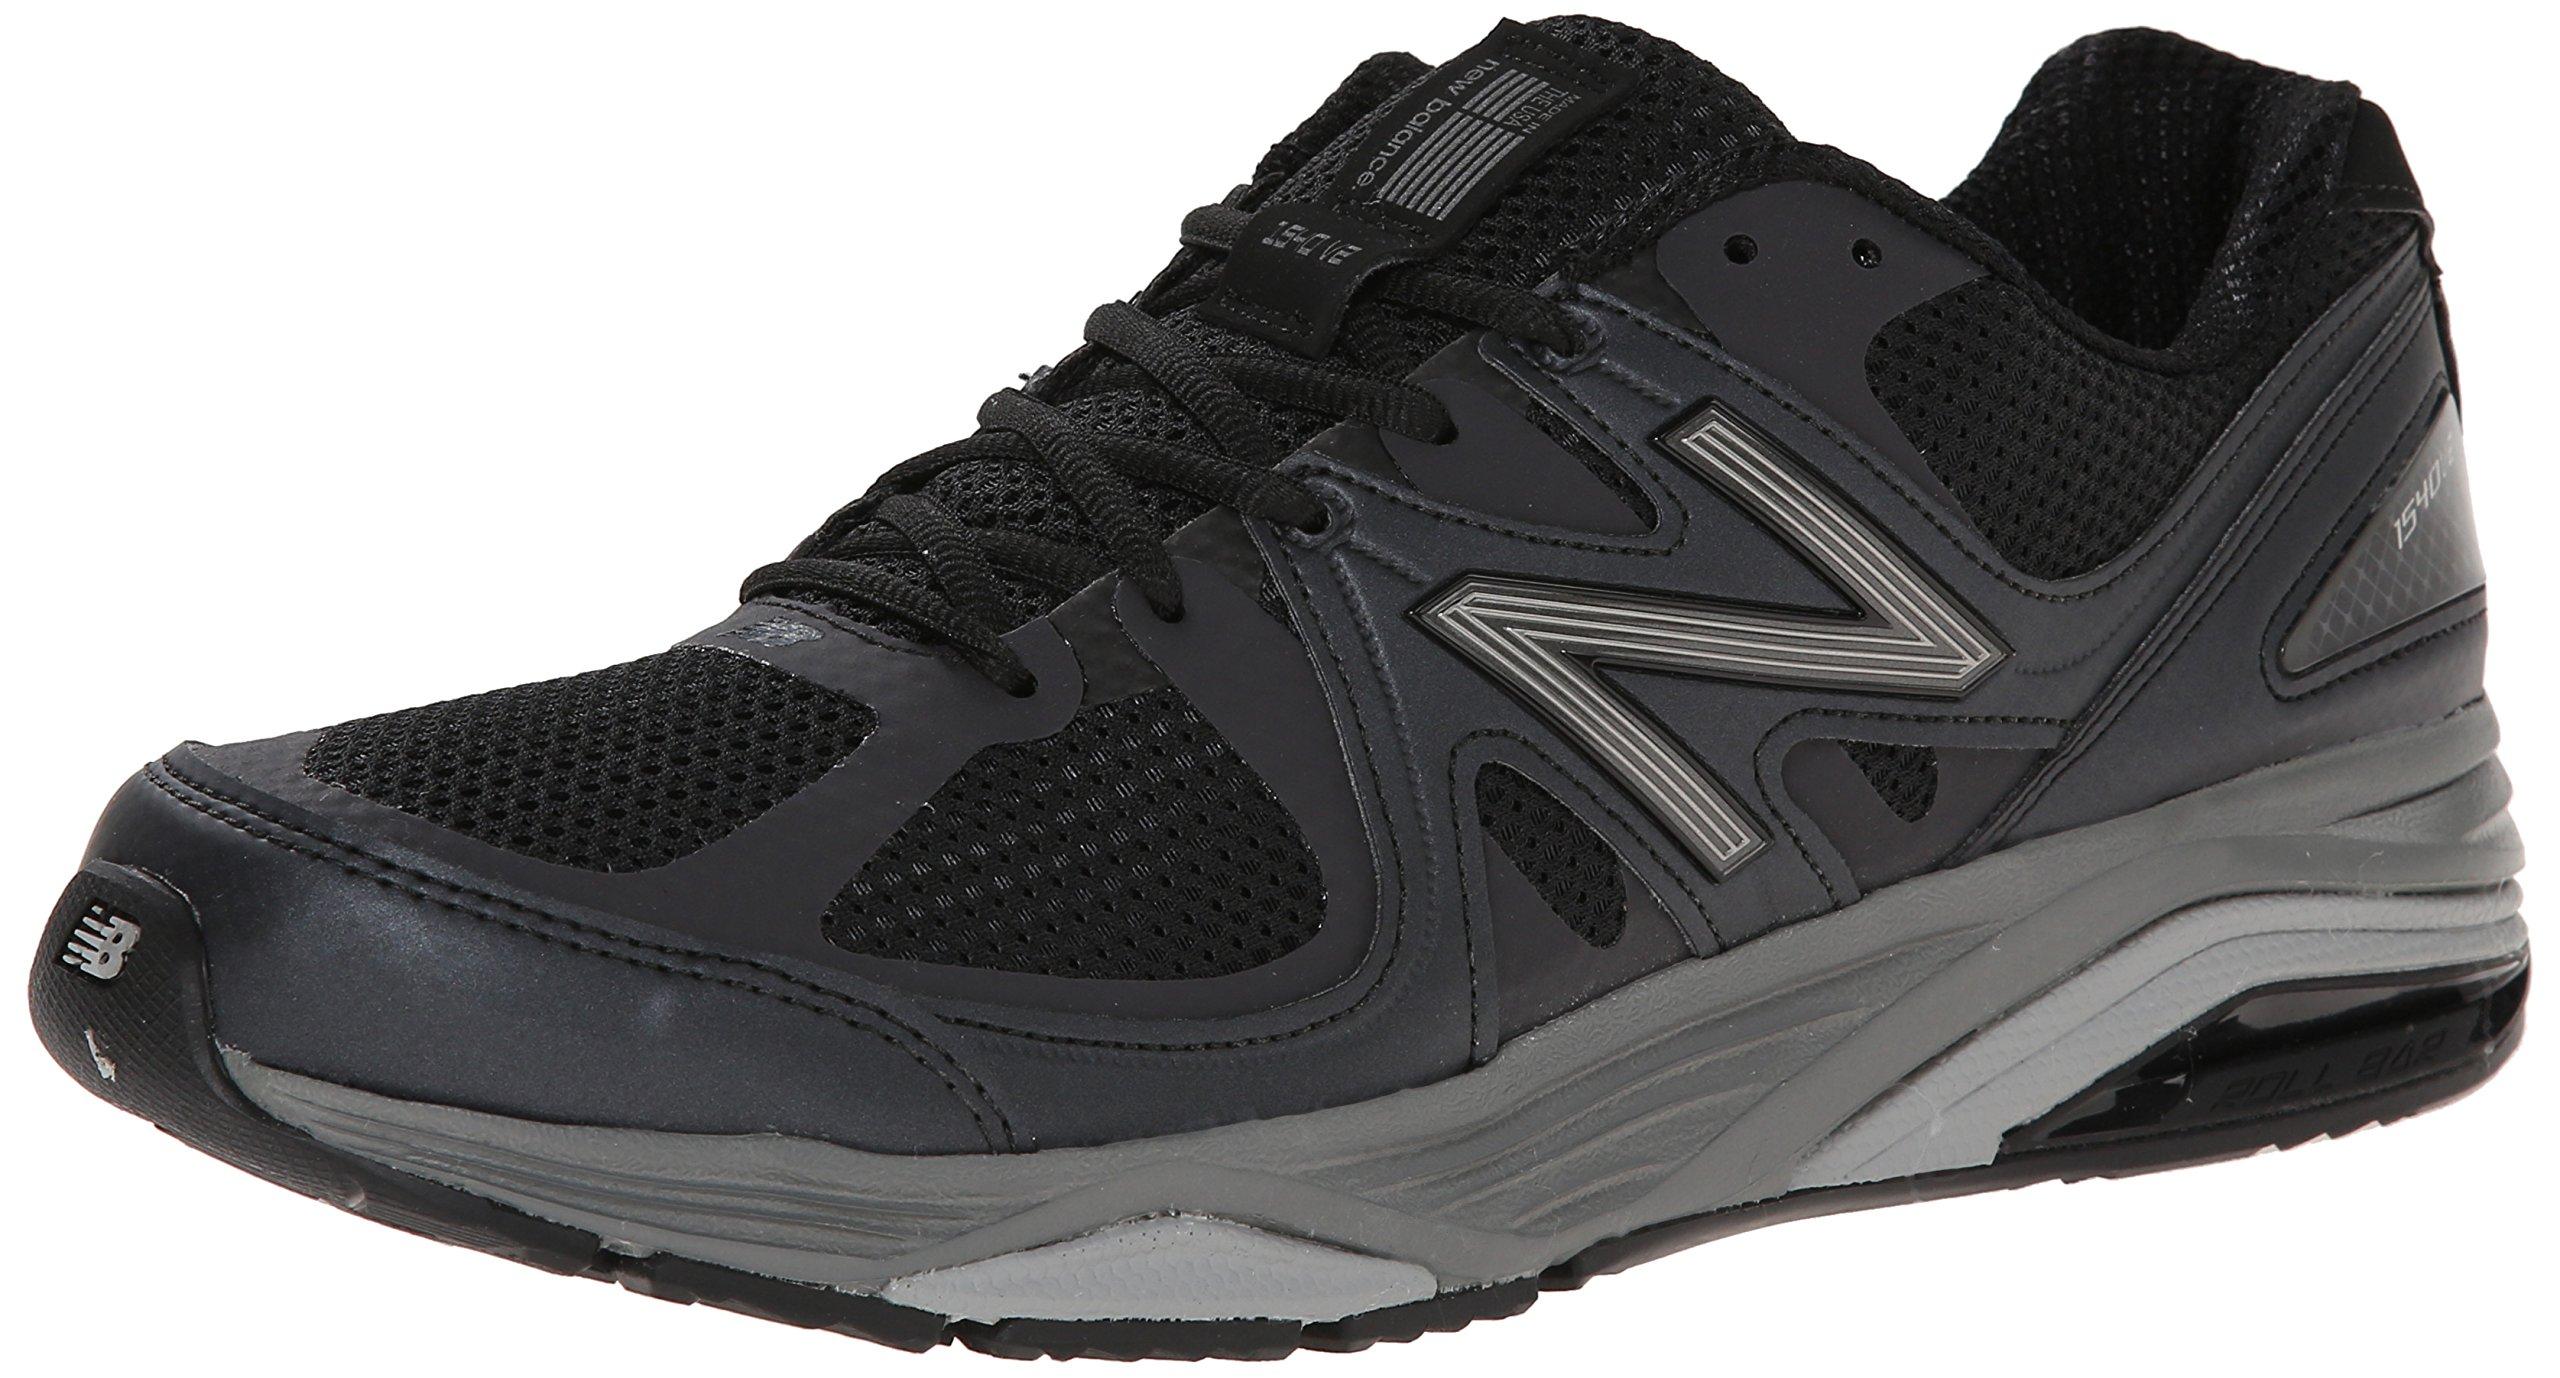 New Balance Men's M1540V2 Running Shoe, Black, 13 4E US